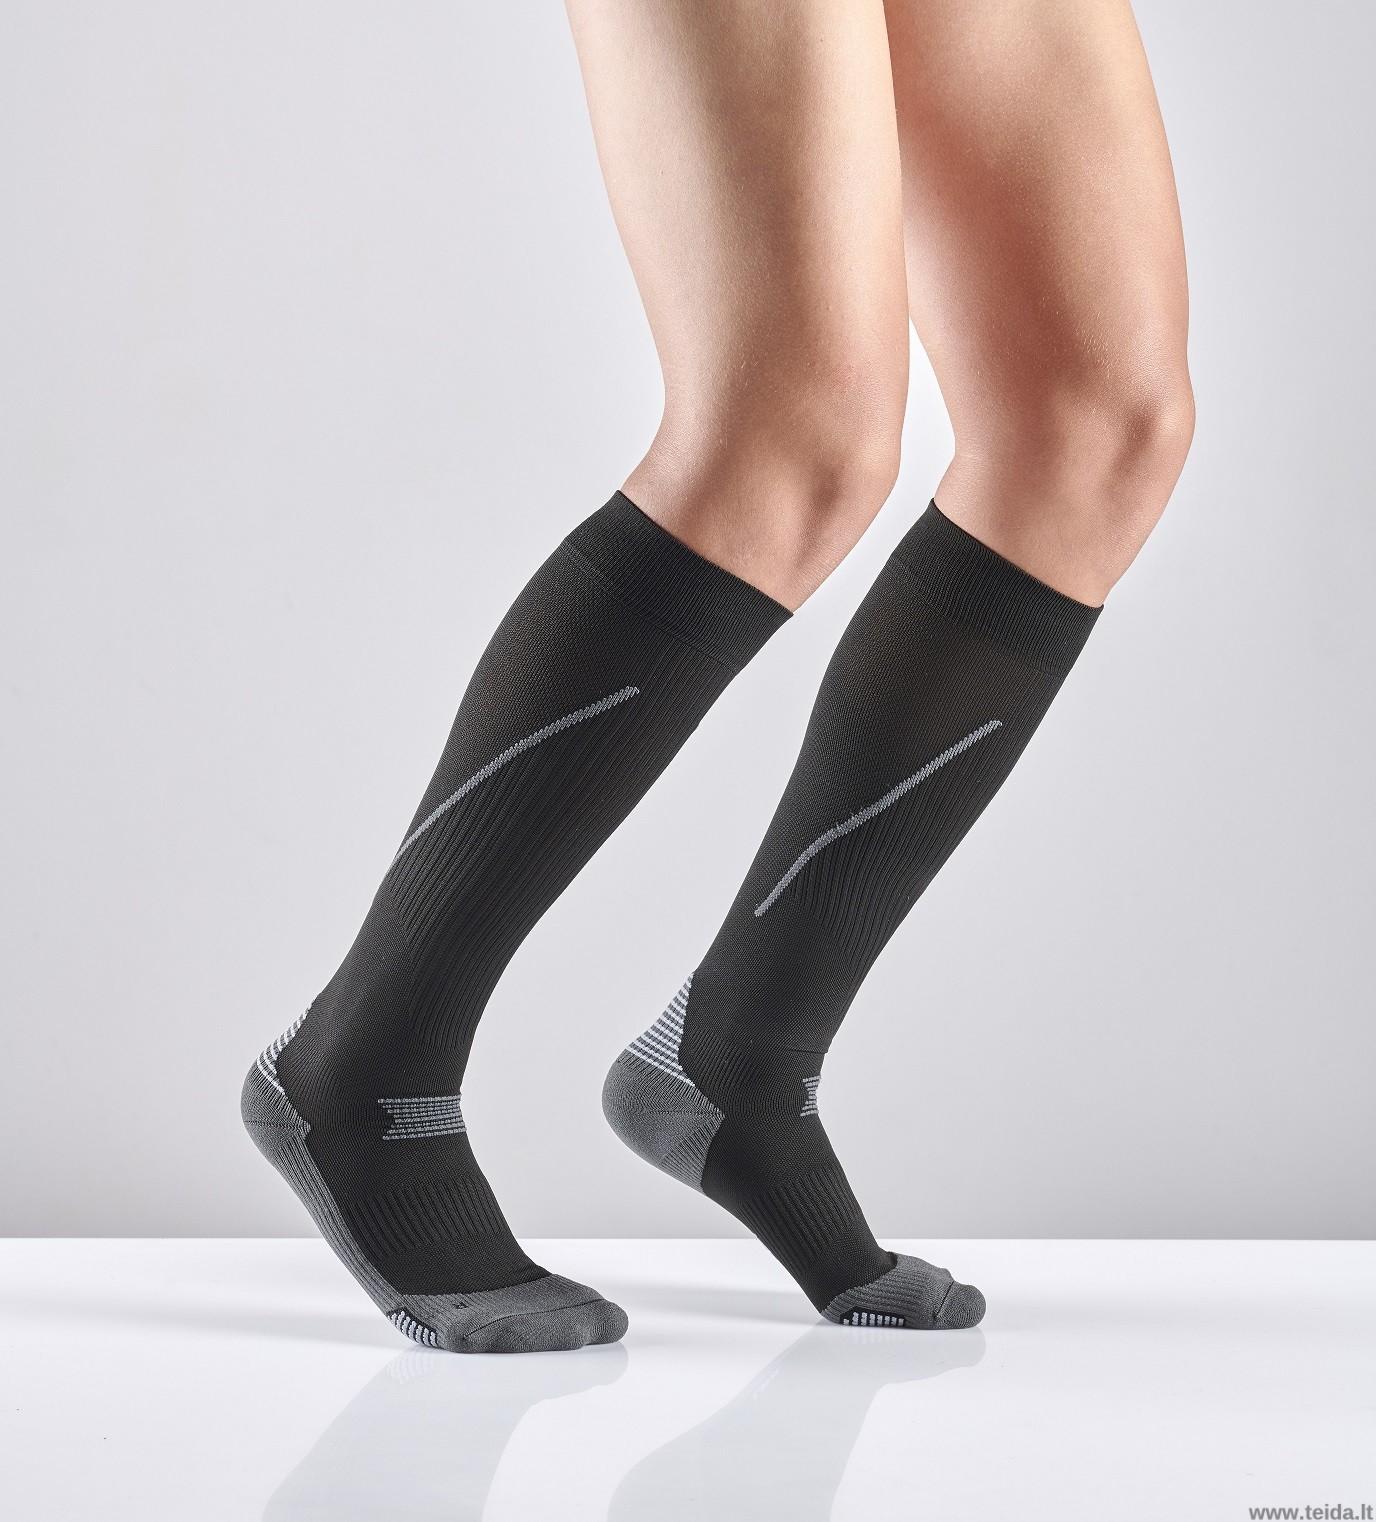 Sportinės kompresinės kojinės, L dydis